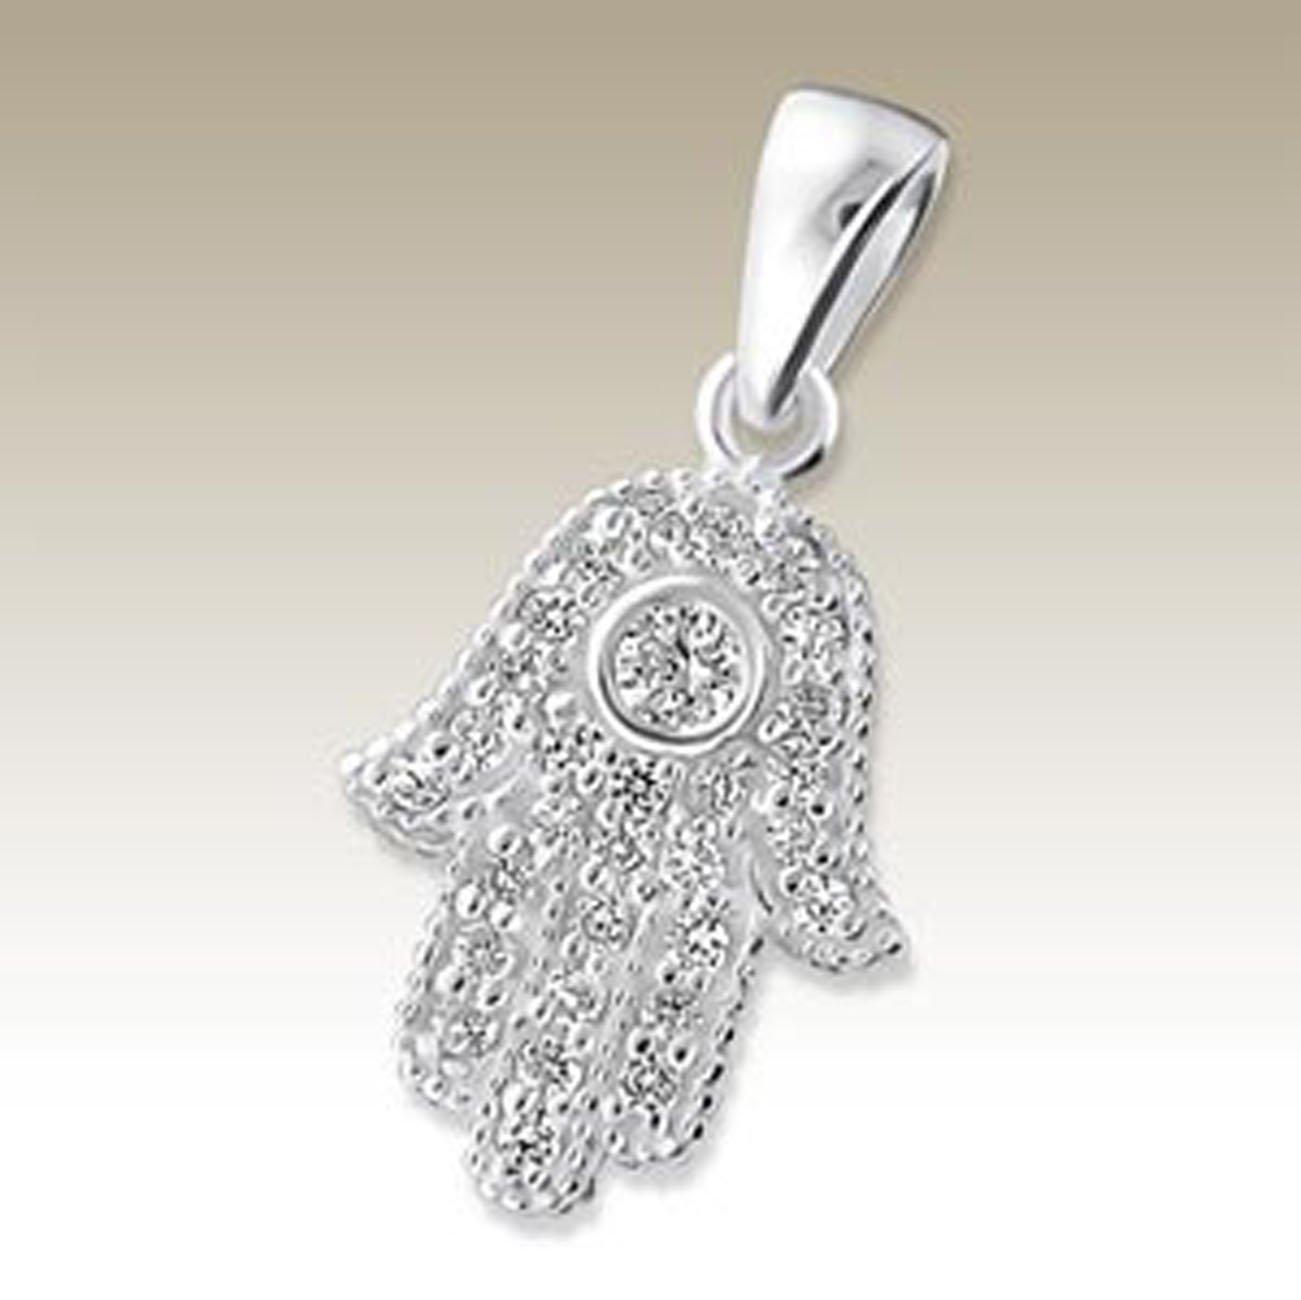 Hamsa Pendant Sterling Silver 925 CZ Stones (E18059)